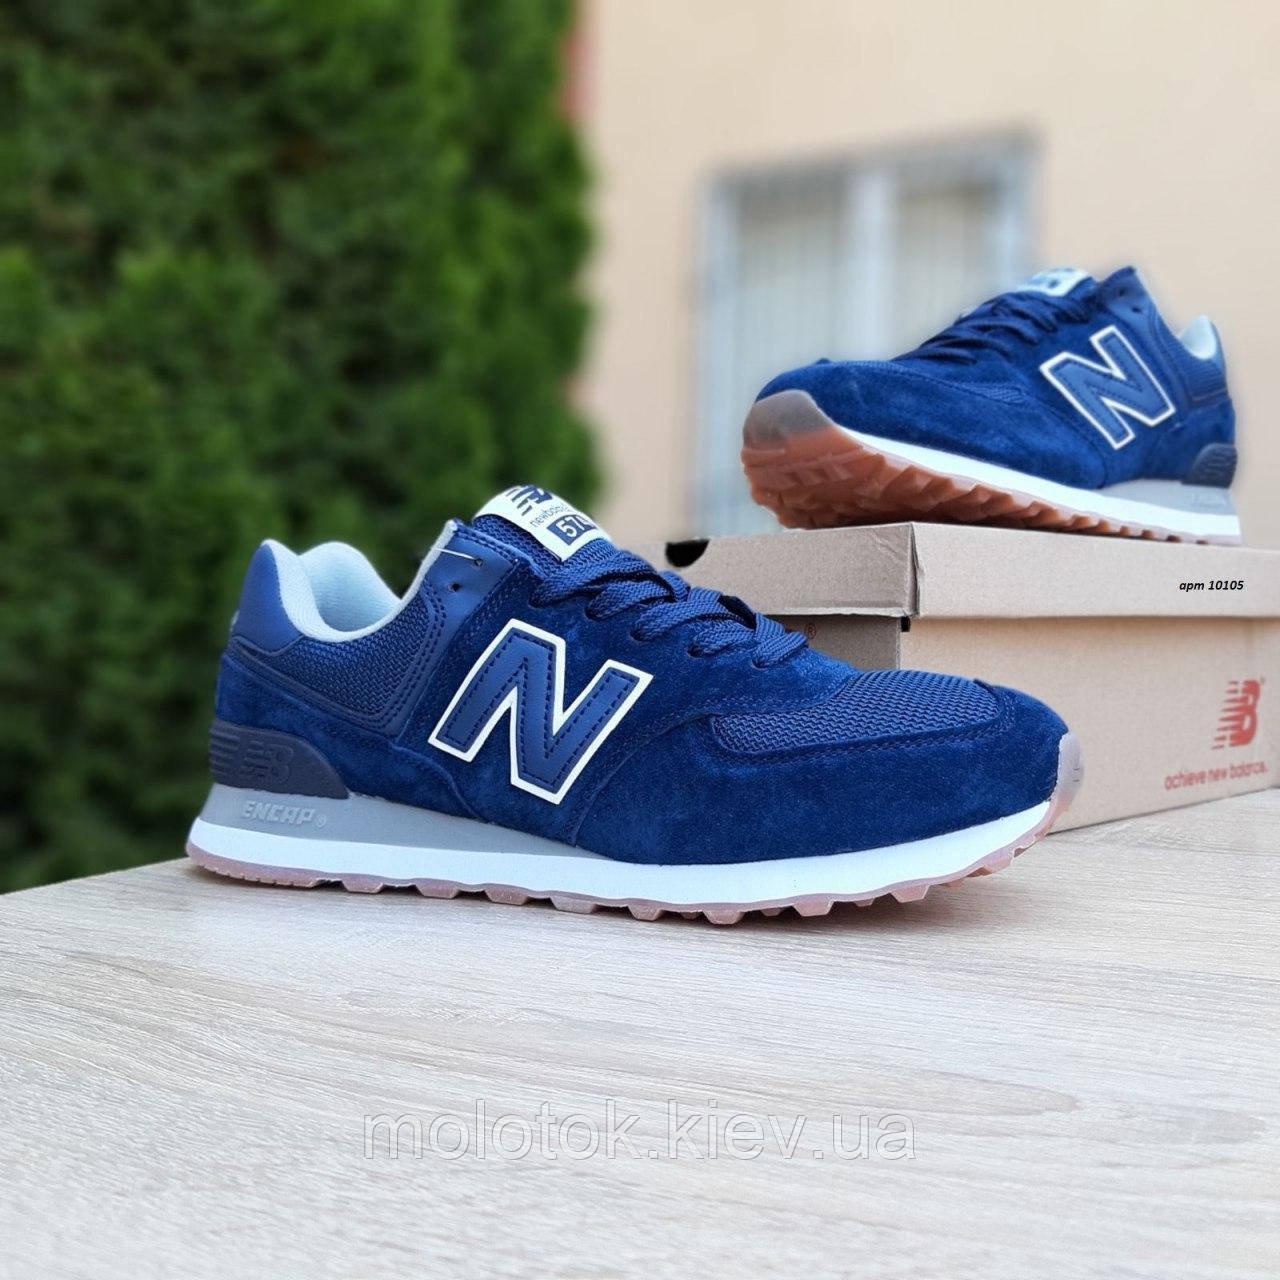 Чоловічі кросівки в стилі New Balance 574 сині